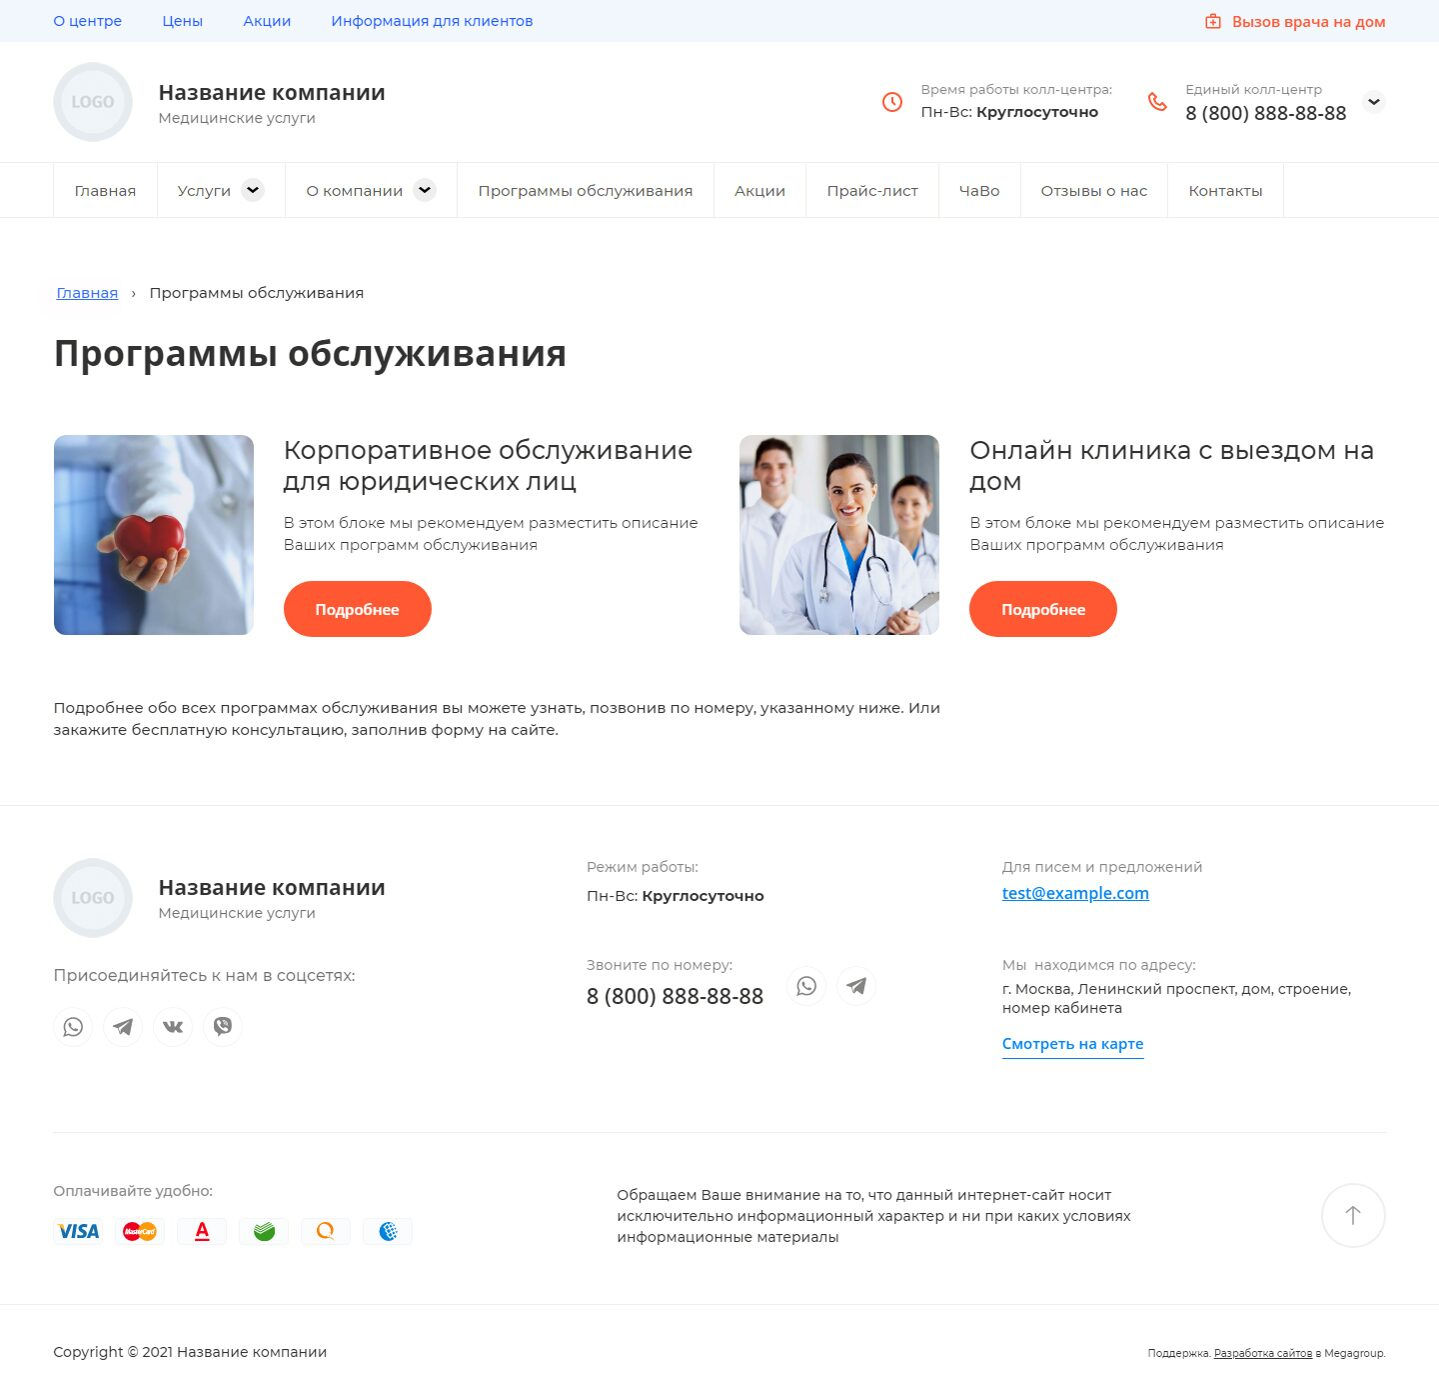 Готовый Сайт-Бизнес #3031299 - Многопрофильный медицинский центр (Программы обслуживания)